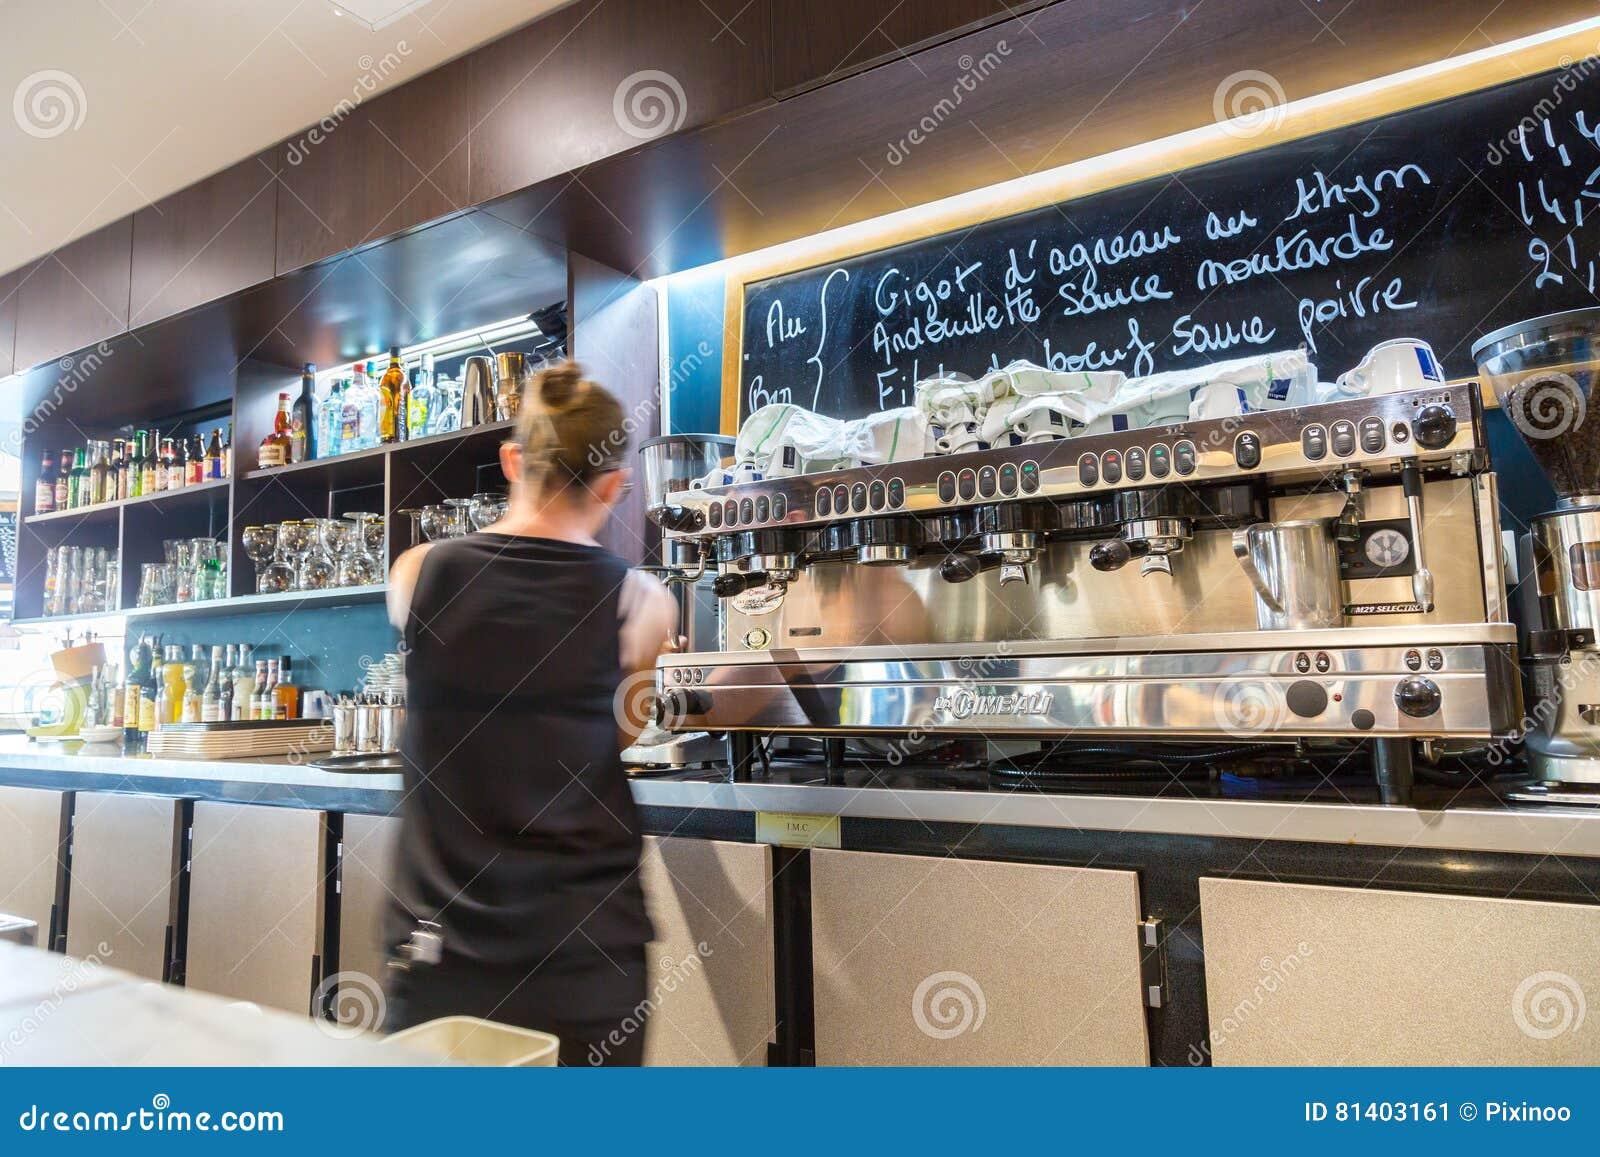 Laverteidigung, Frankreich - 17. Juli 2016: undeutliche Kellnerin im Großen traditionellen französischen Restaurant in der Lavert